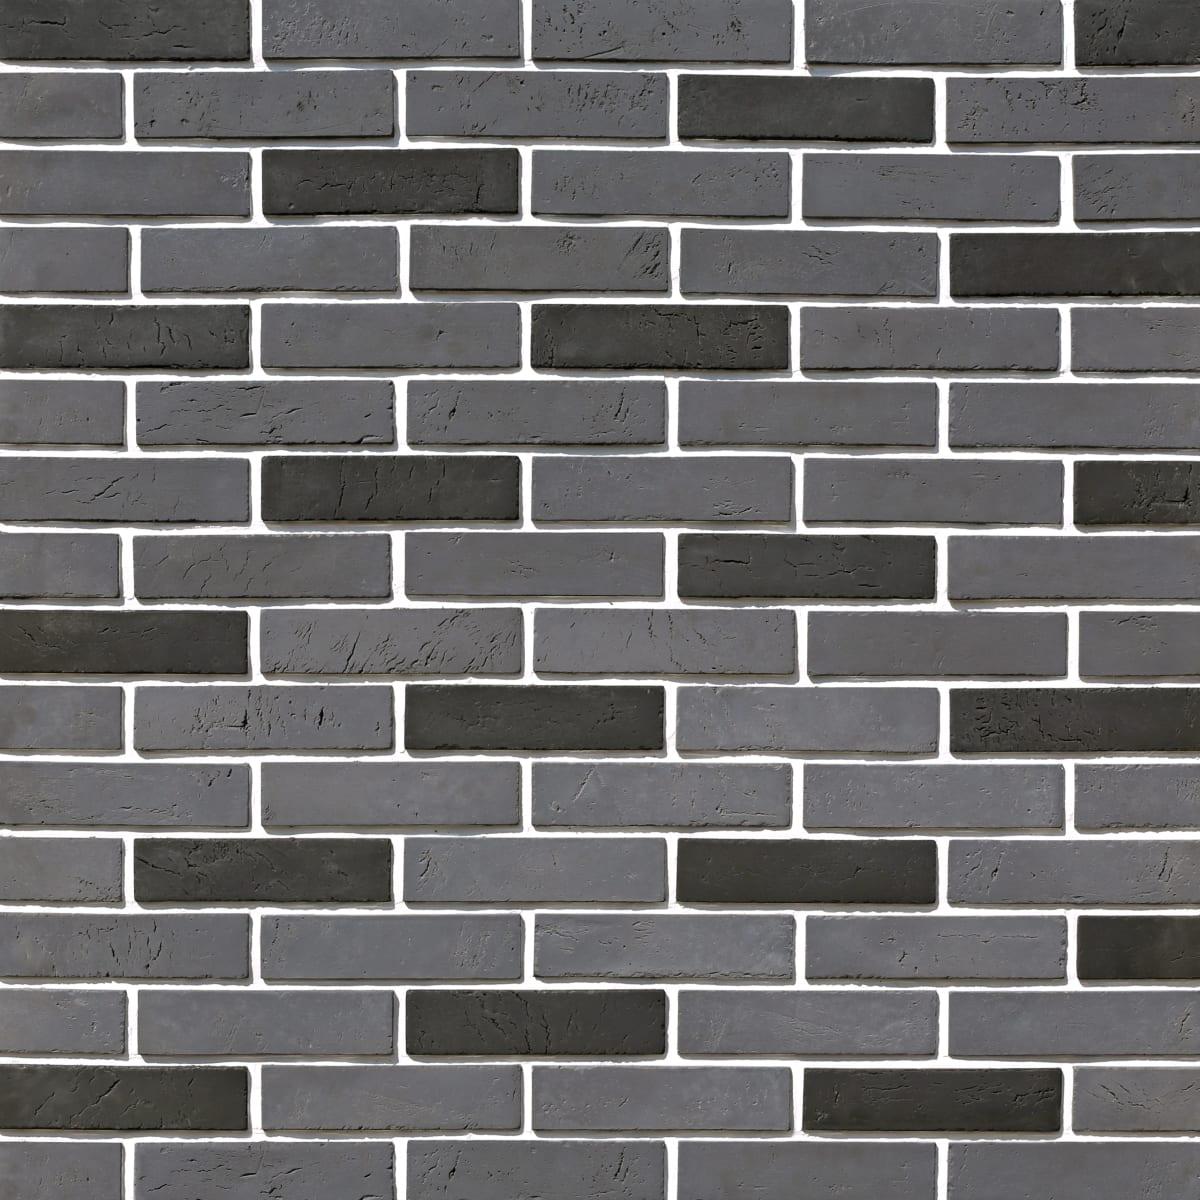 Плитка декоративная Терамо Брик, цвет чёрный, 0.65 м²